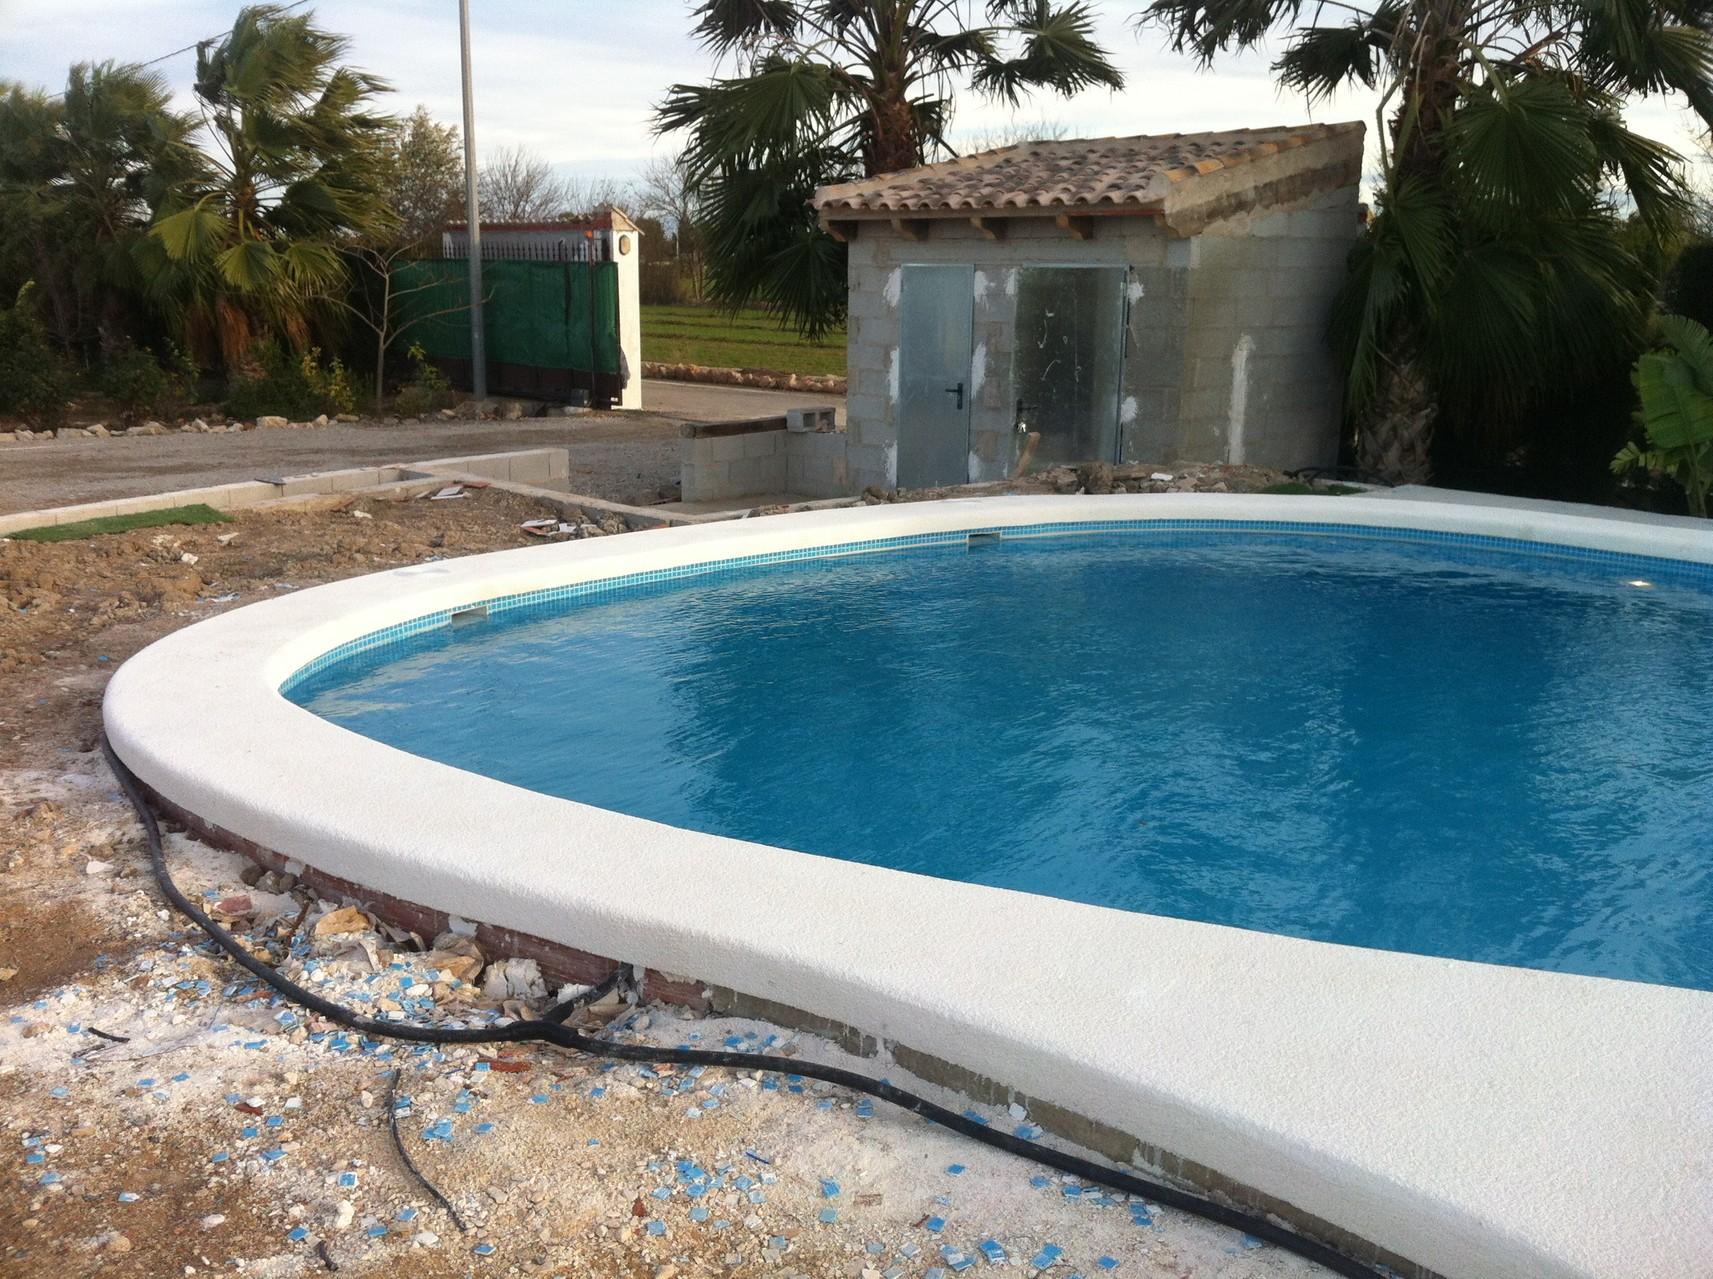 Coronacion piscina hormigon impreso good pavimento for Borde piscina hormigon